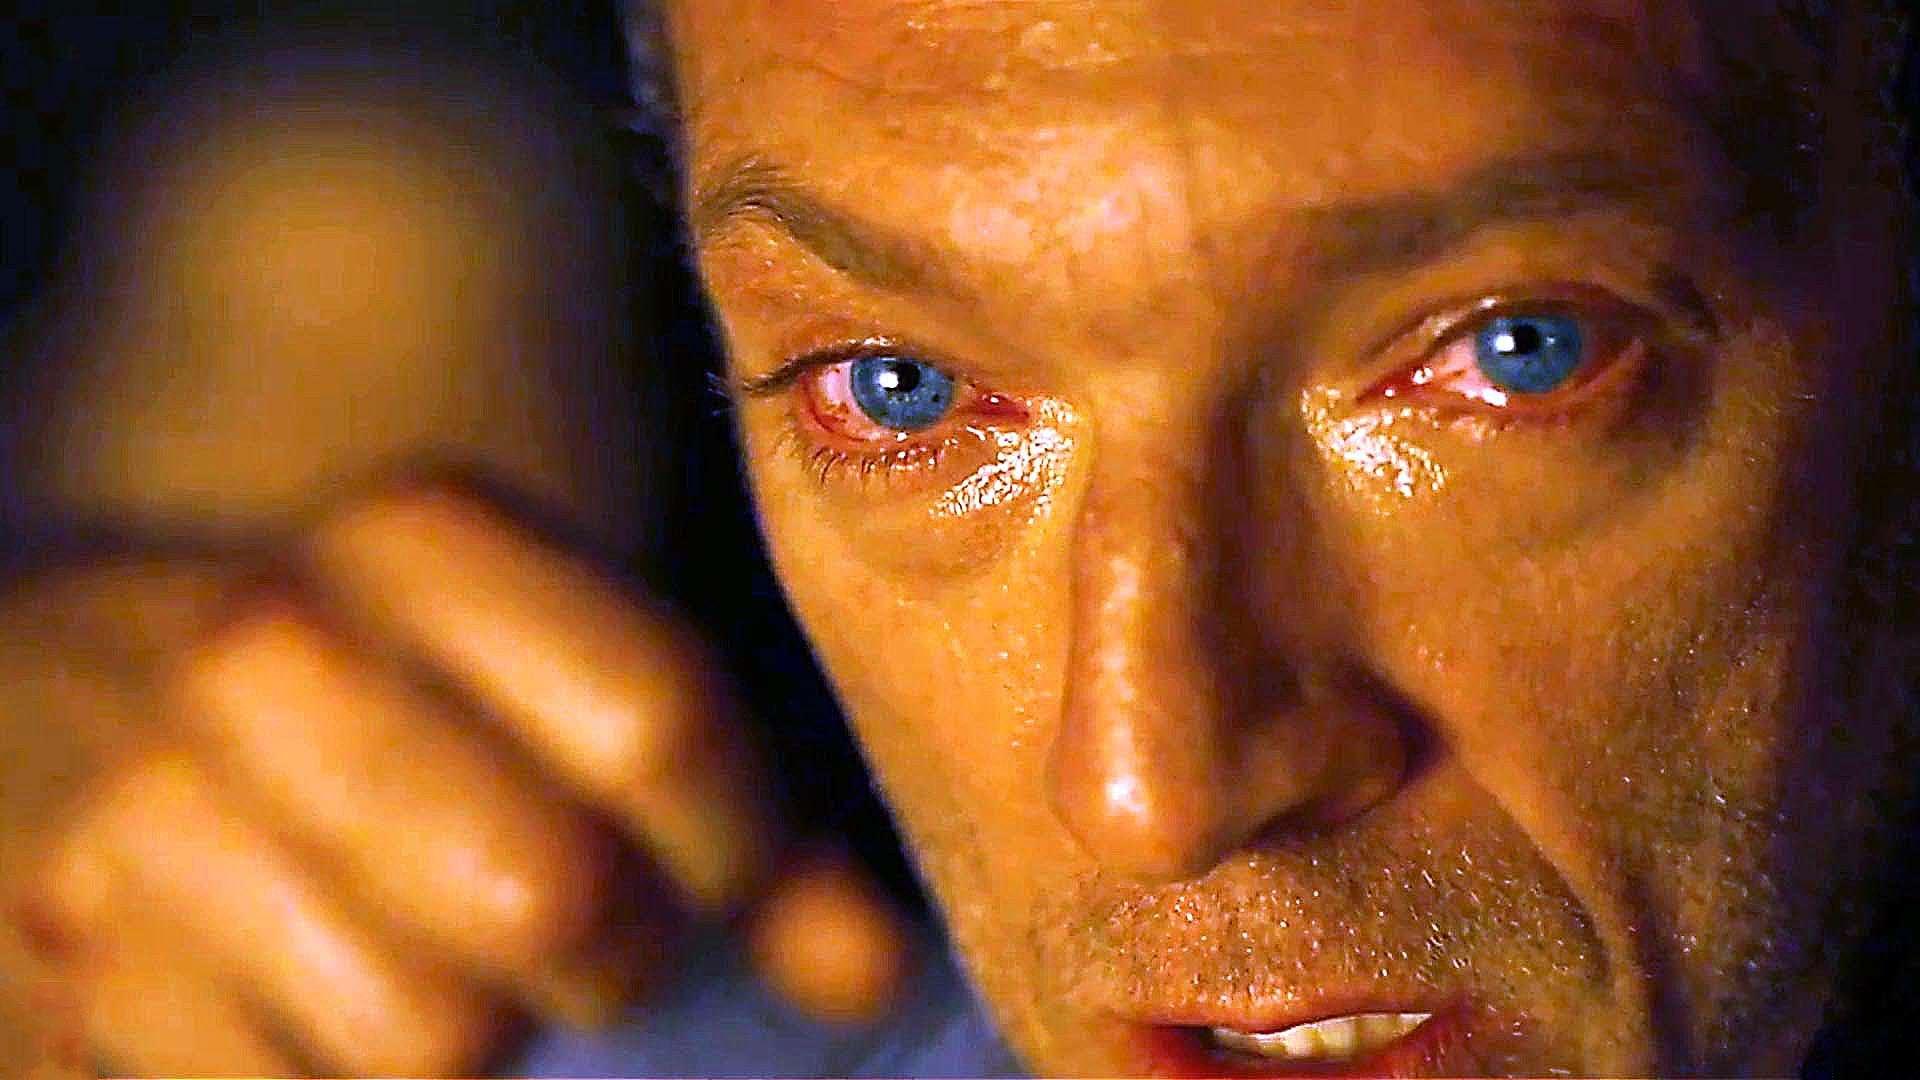 不過就是世界末日:你總不能期待多藍永遠不要犯錯失敗┃影評